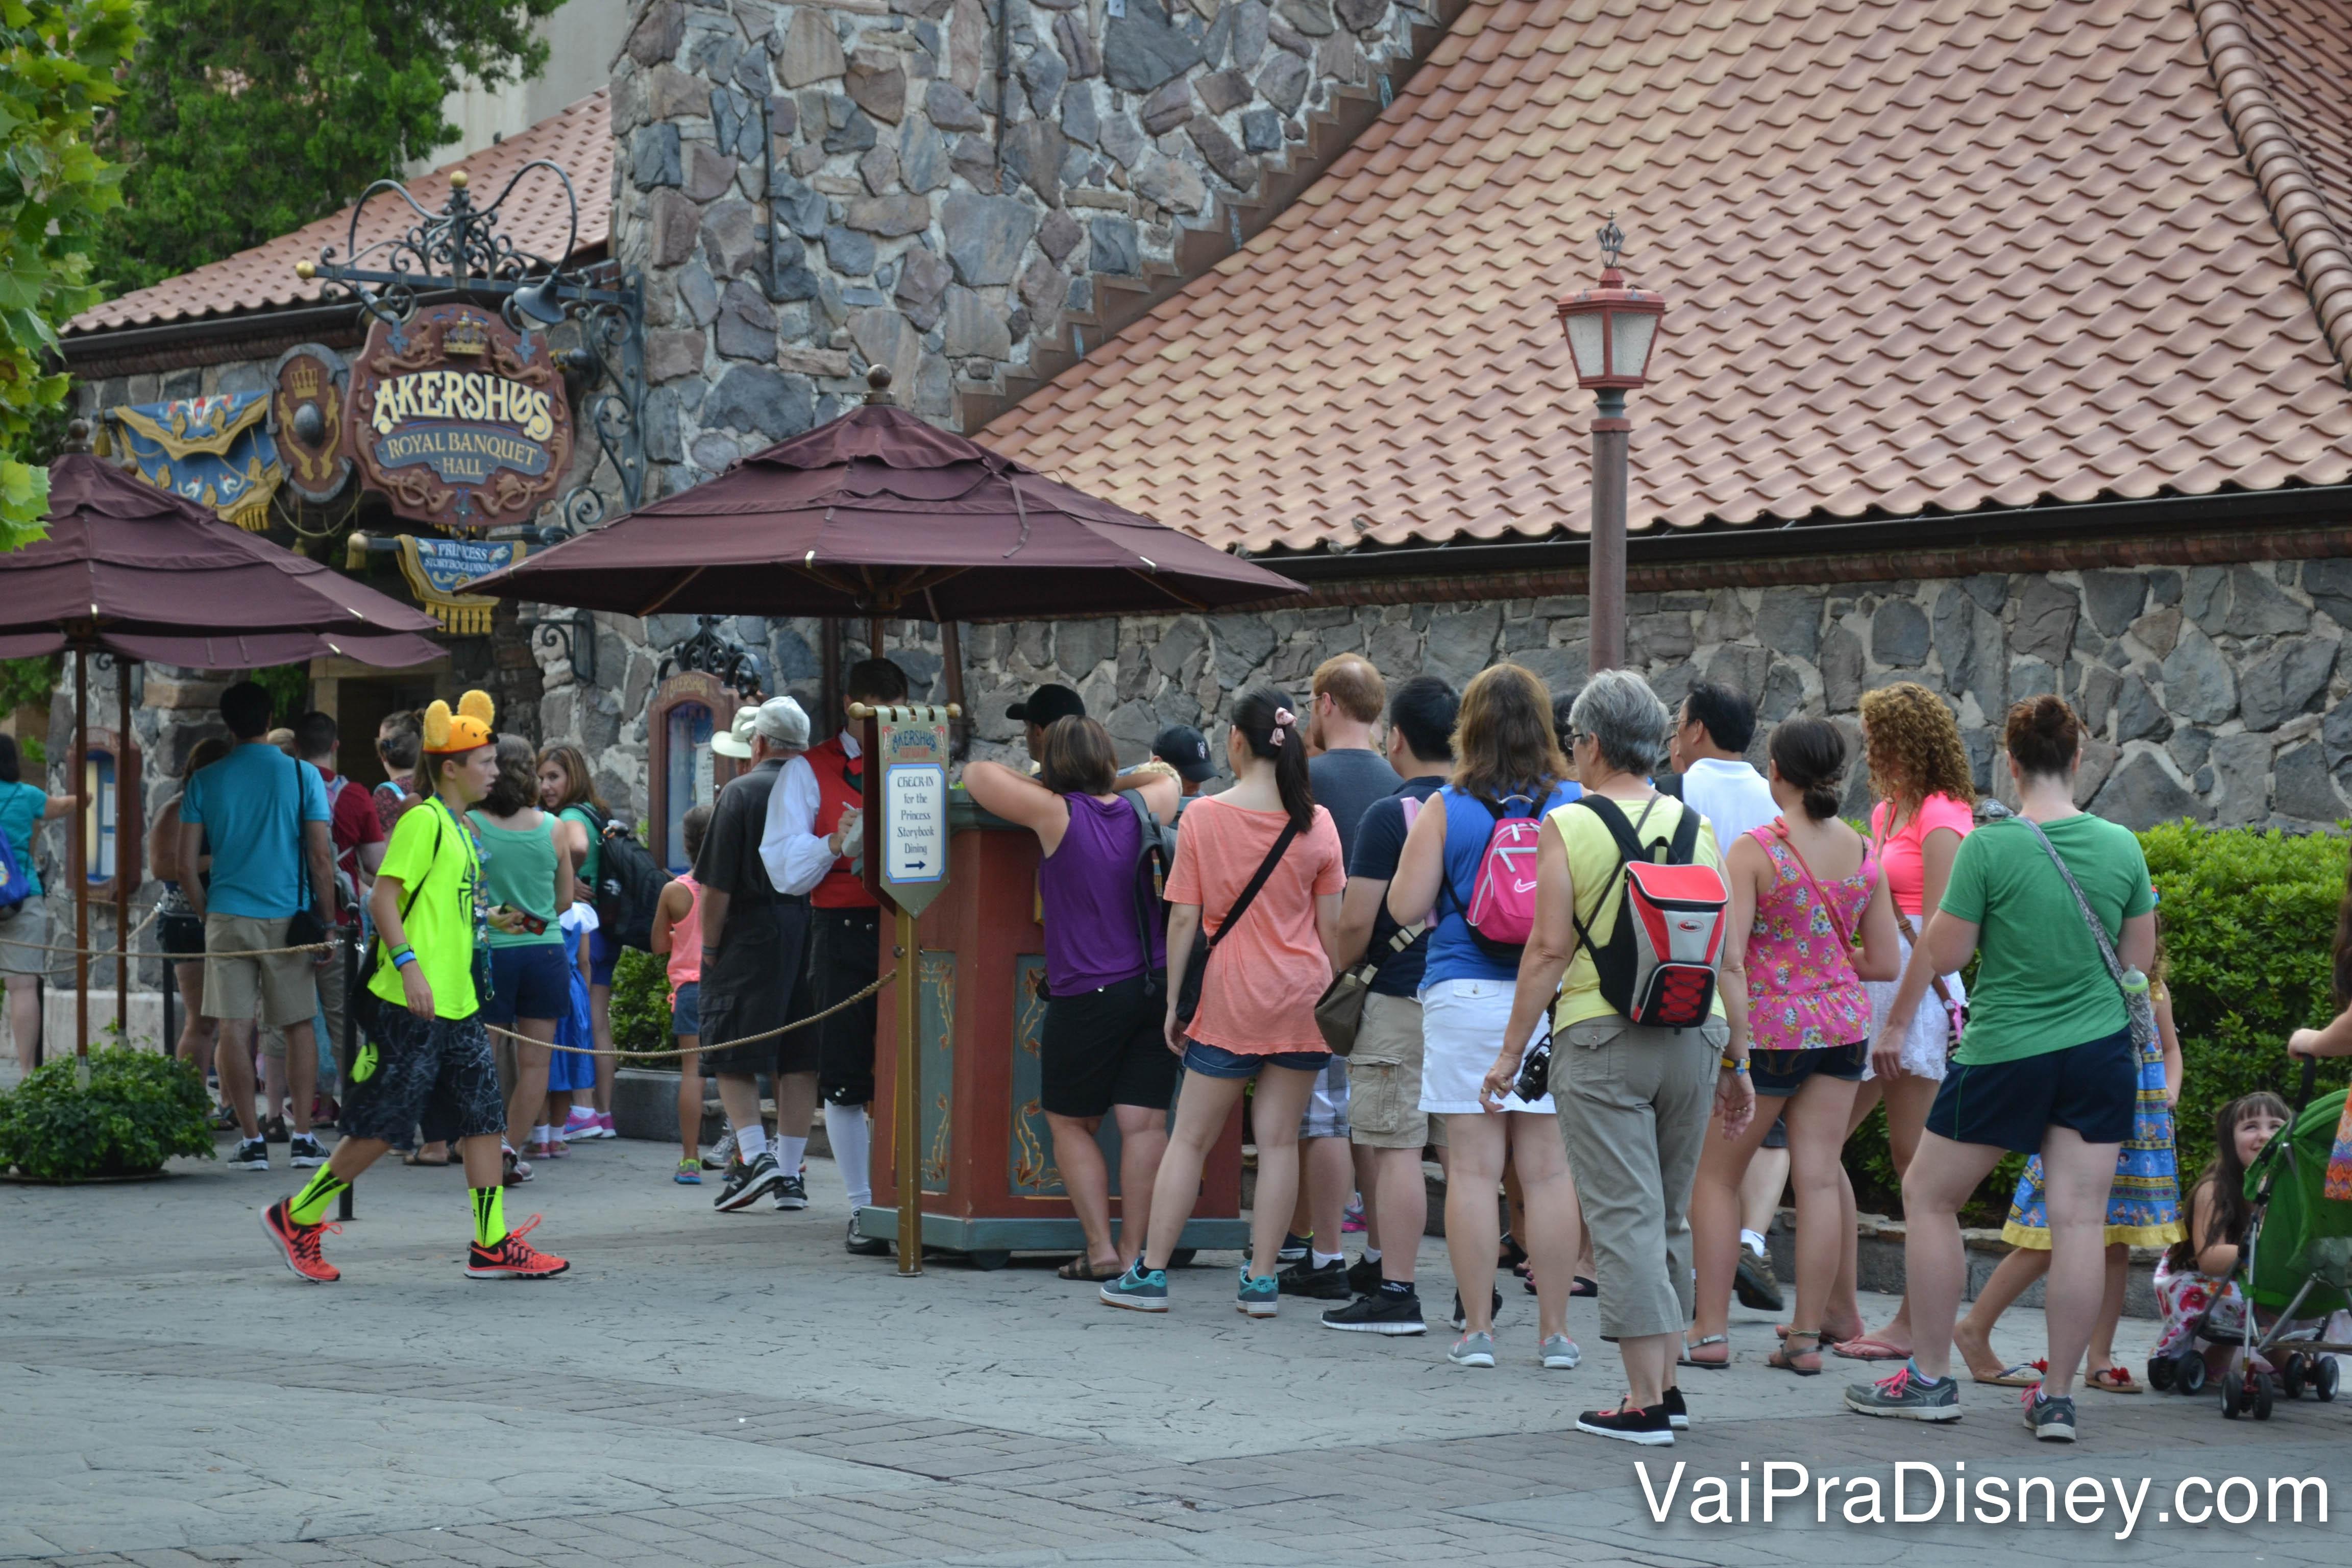 Foto da fila de visitantes esperando para entrar no restaurante, na parte da Noruega no Epcot